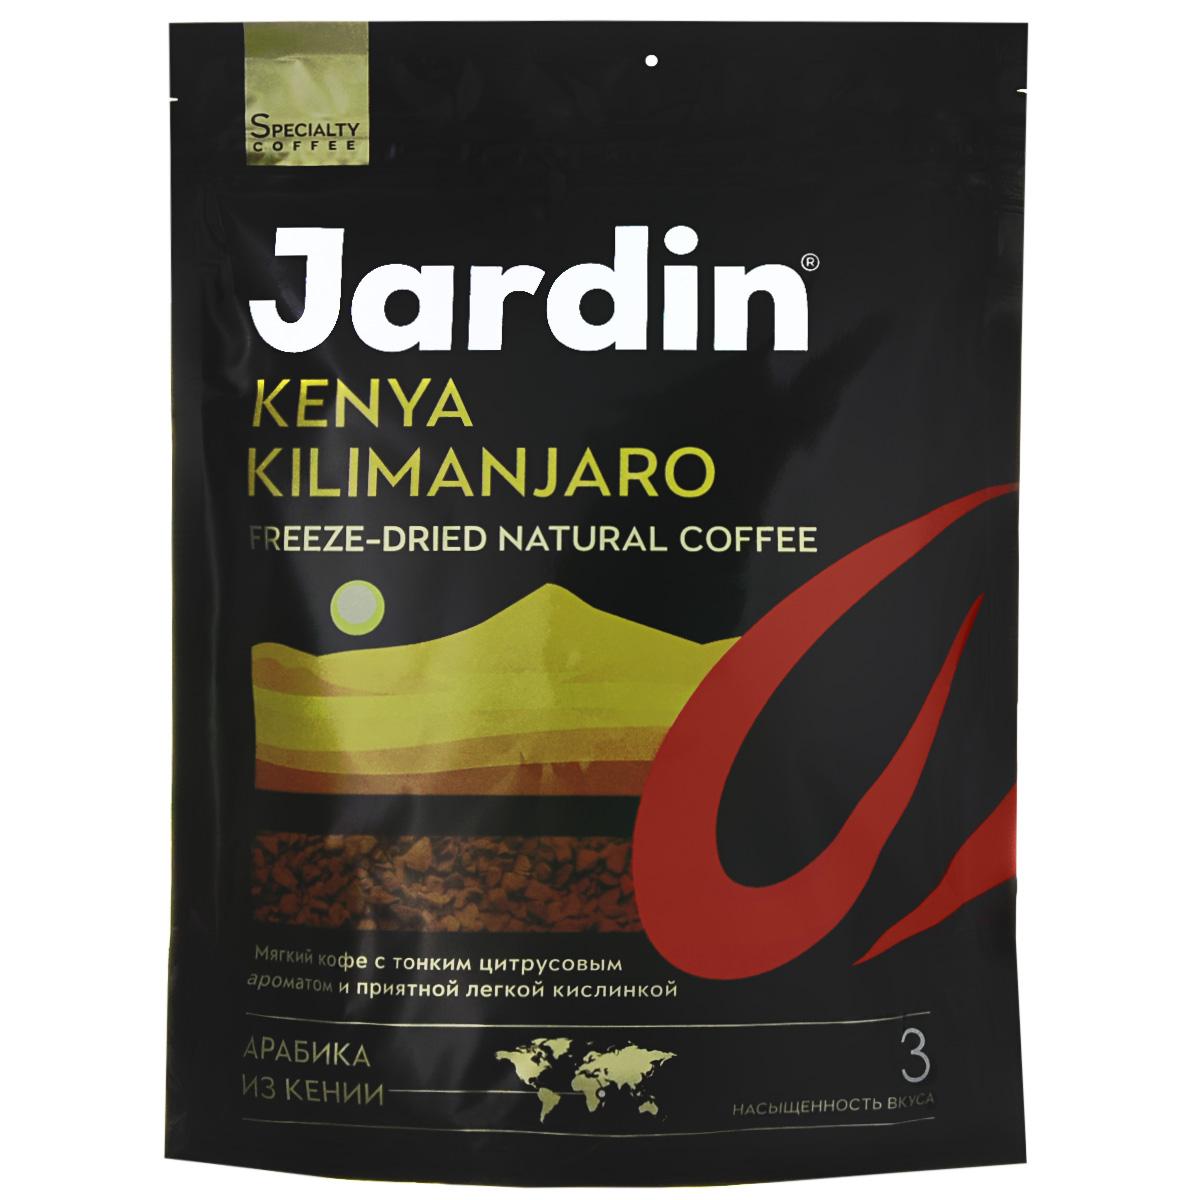 Jardin Kenya Kilimanjaro кофе растворимый, 75 г (м/у)0120710Растворимый кофе Jardin Kenya Kilimanjaro обладает тонким цитрусовым ароматом и сладким ягодным послевкусием. Это один из самых интересных видов Арабики, произрастающей в Кении.